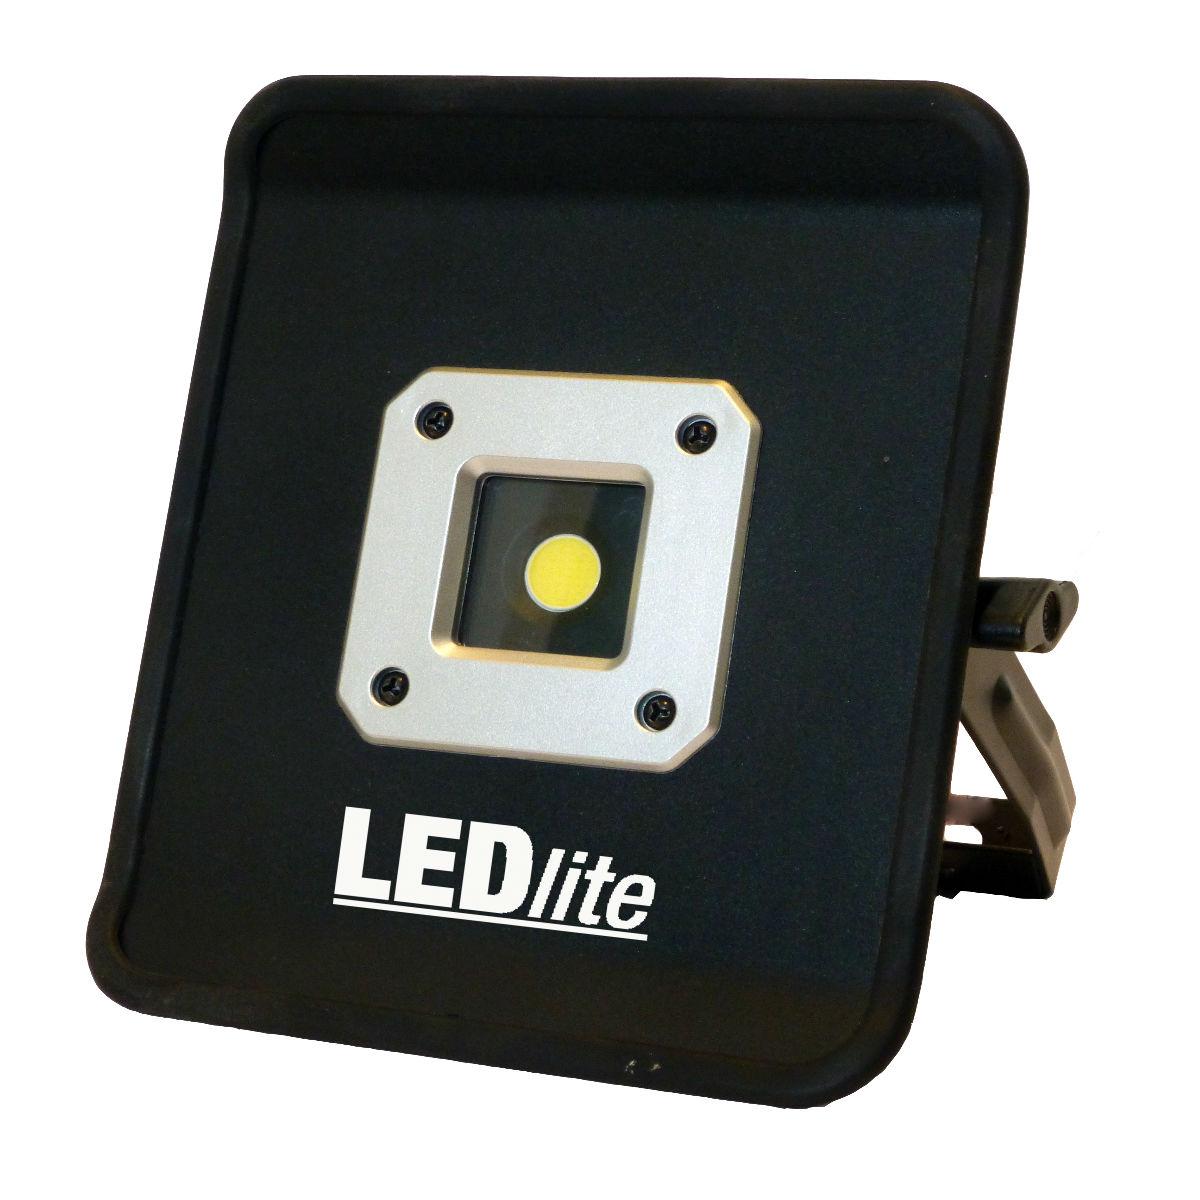 LED Lite Oppladbar arbeidslampe COB LED 20W 1300 Lumen